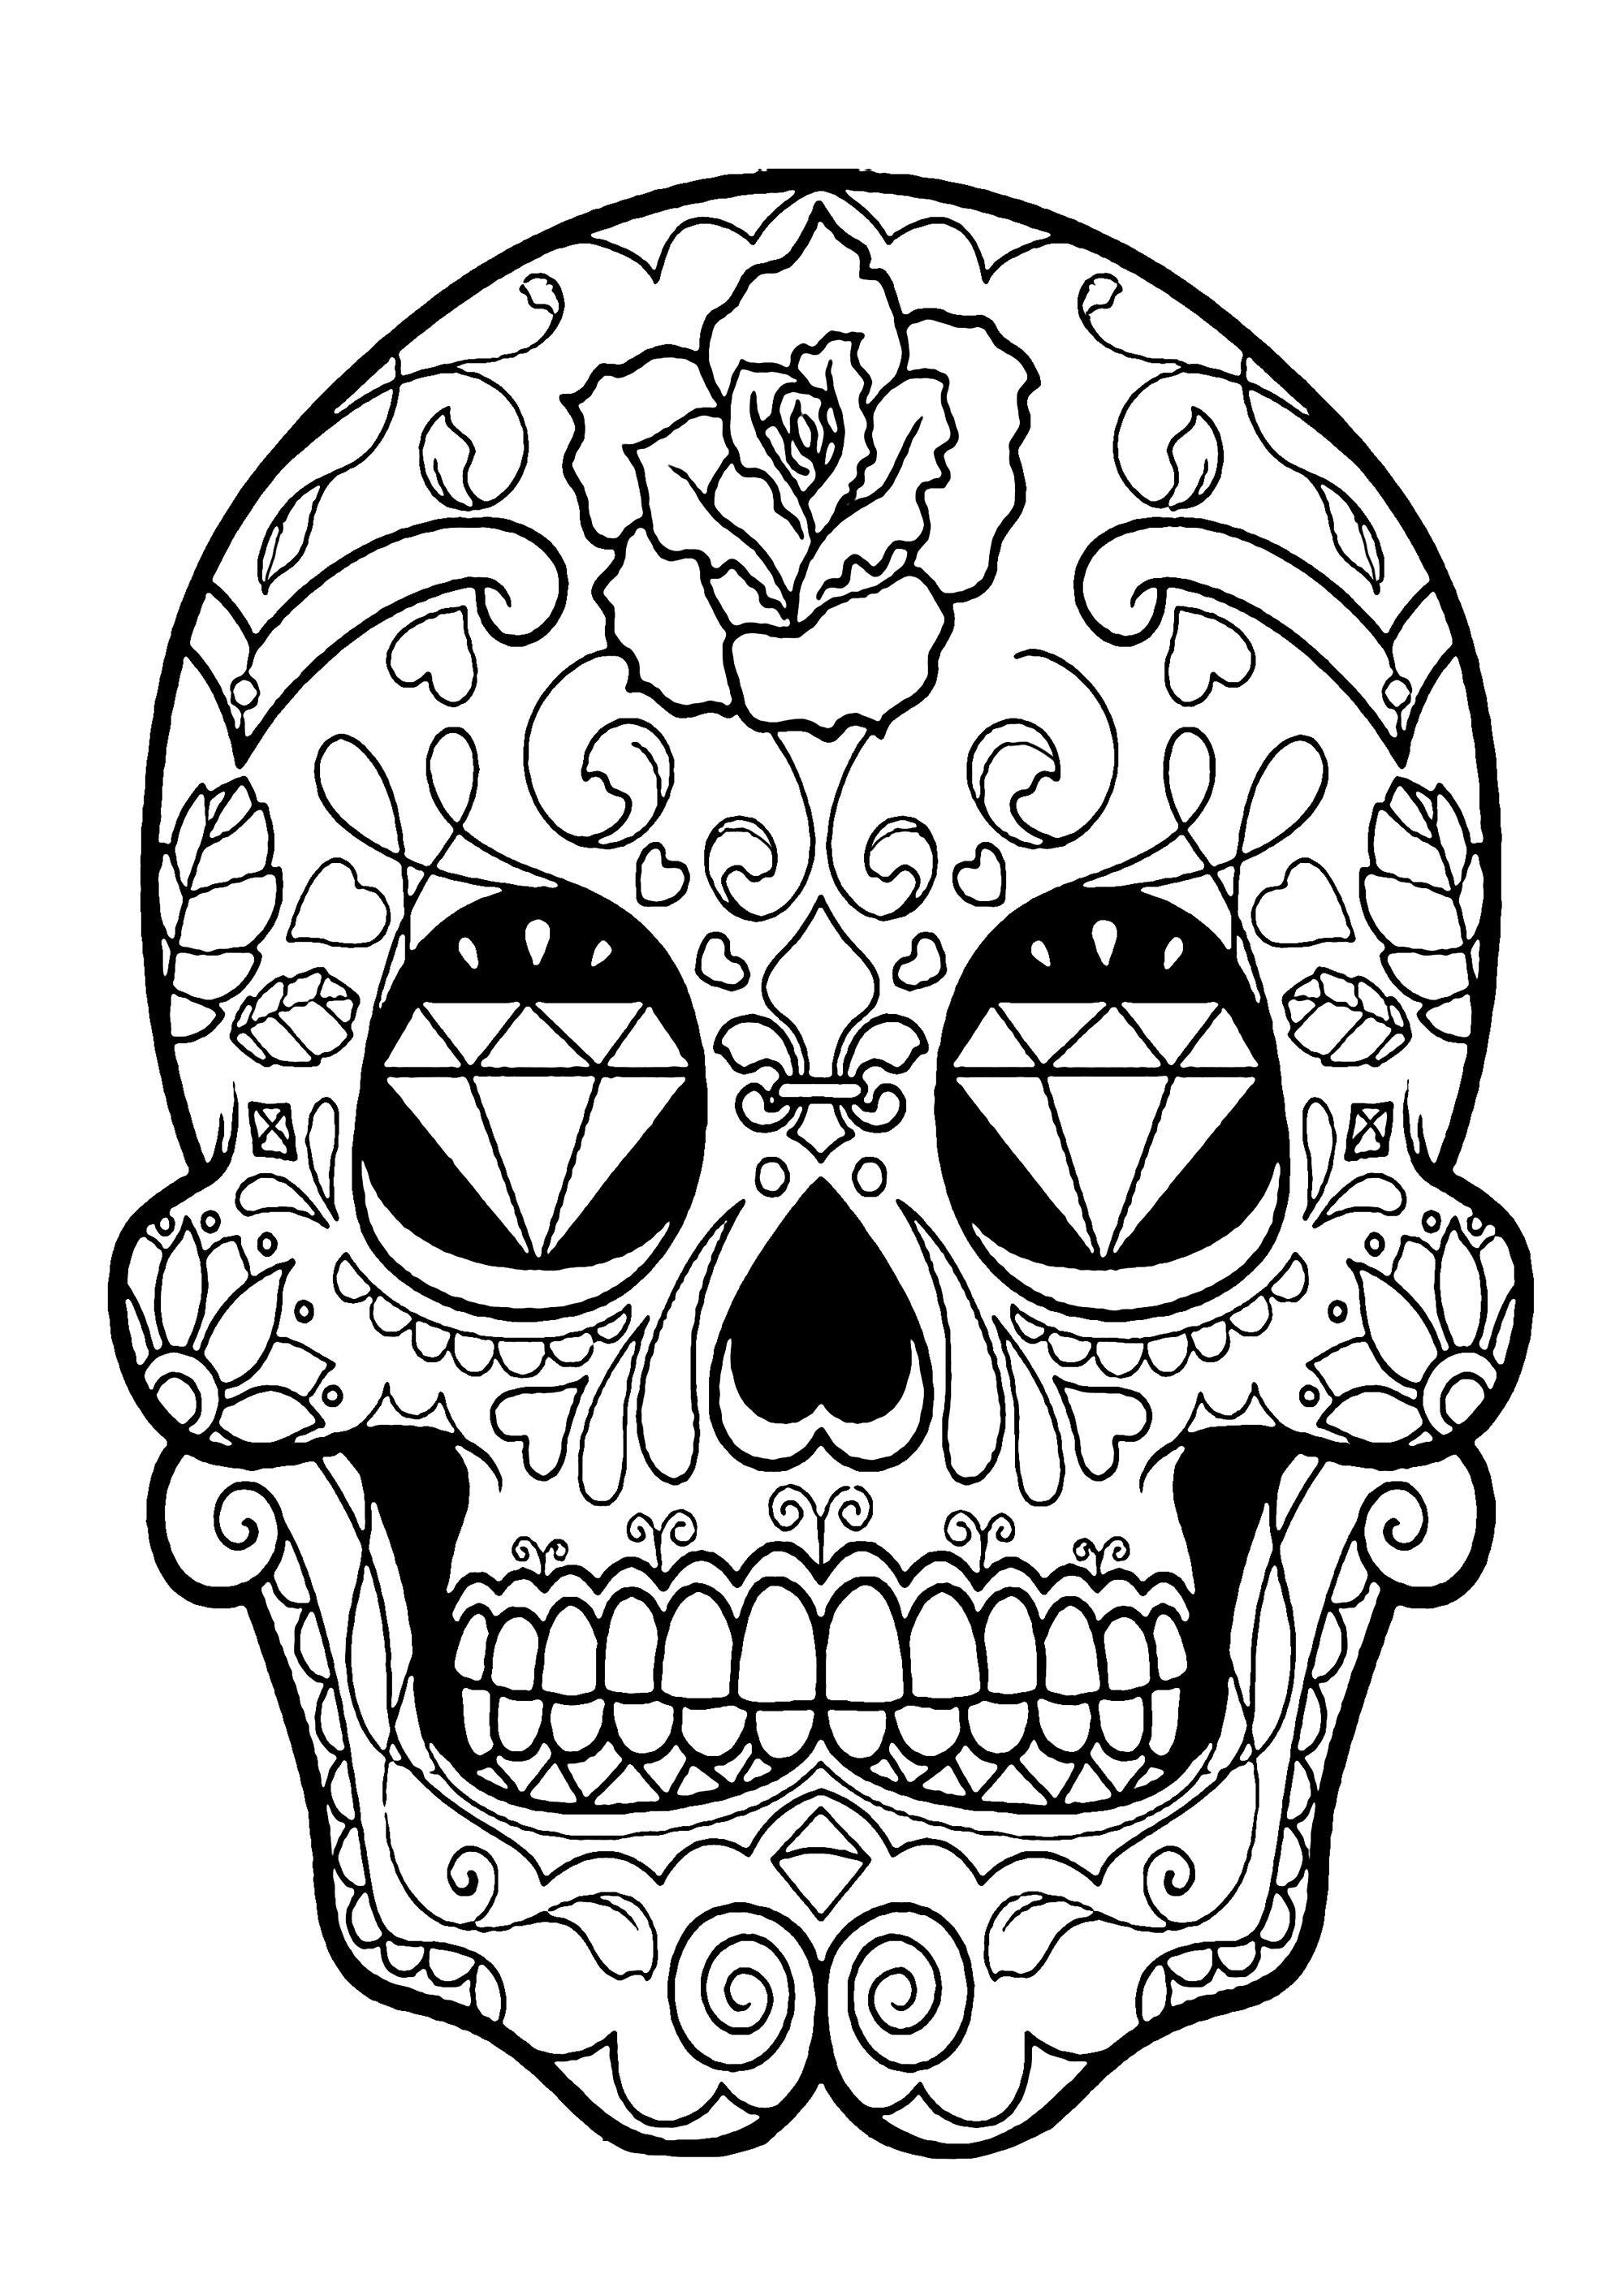 Coloriage El Día de los Muertos (Le jour des morts) - 5